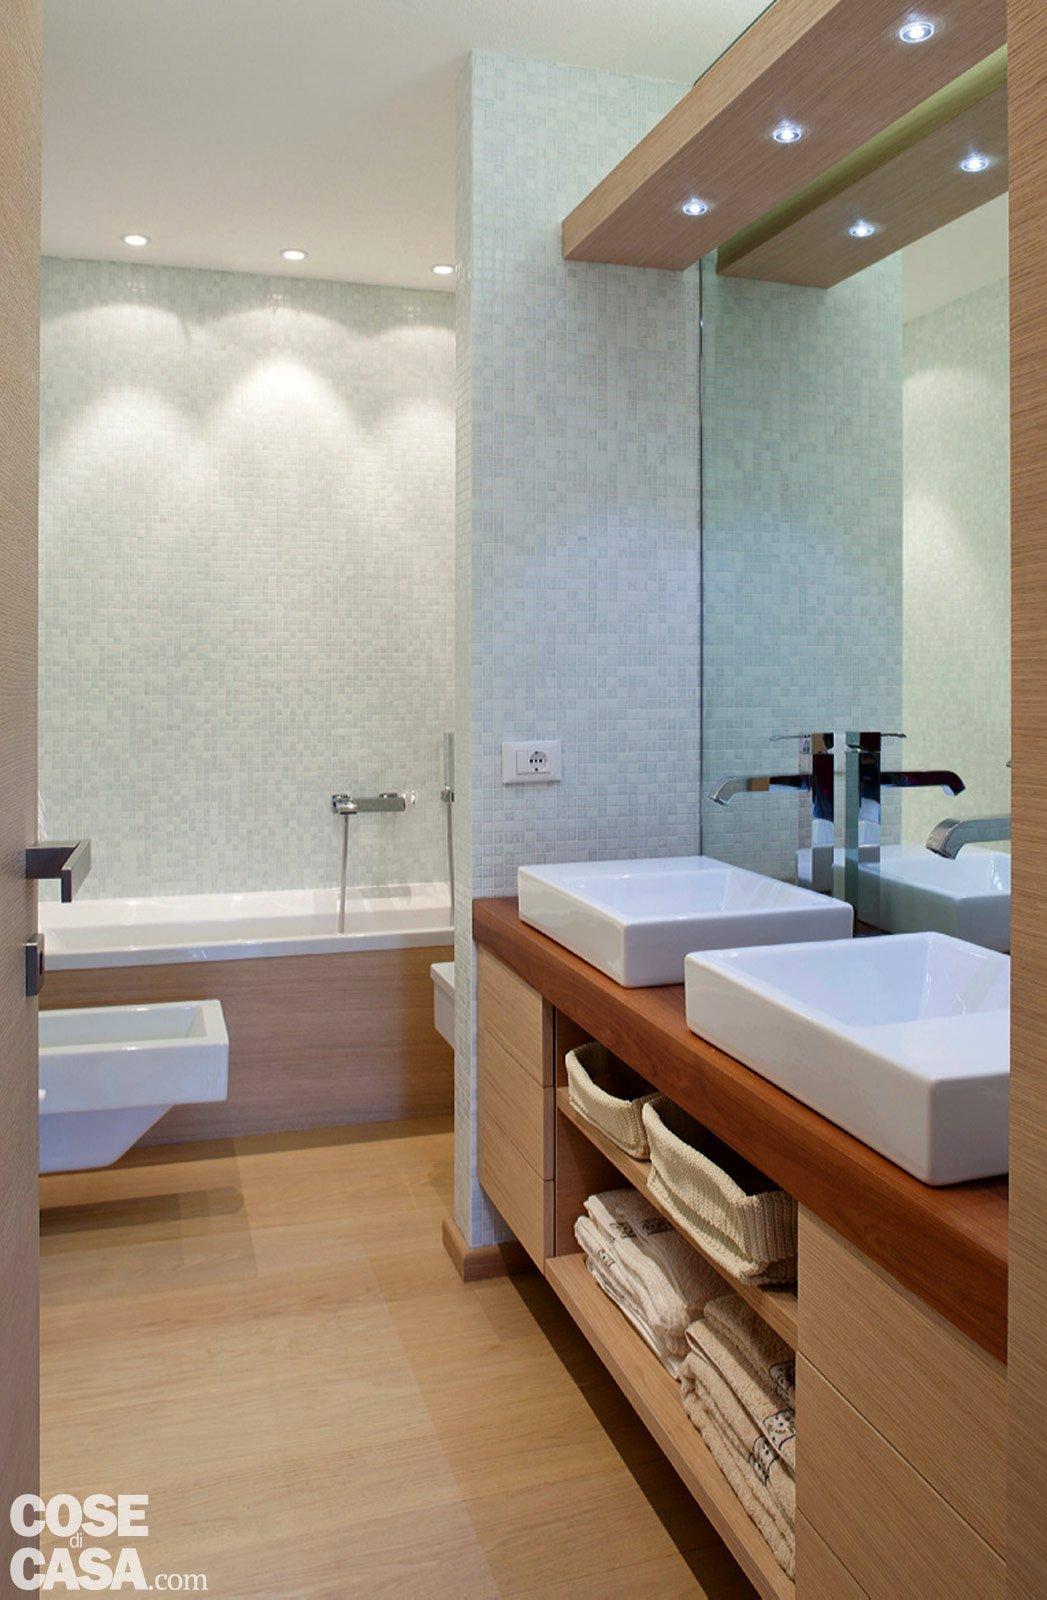 Finest come rifare il bagno simple quanto costa rifare un bagno with with come rifare un bagno - Quanto costa fare un piccolo bagno ...